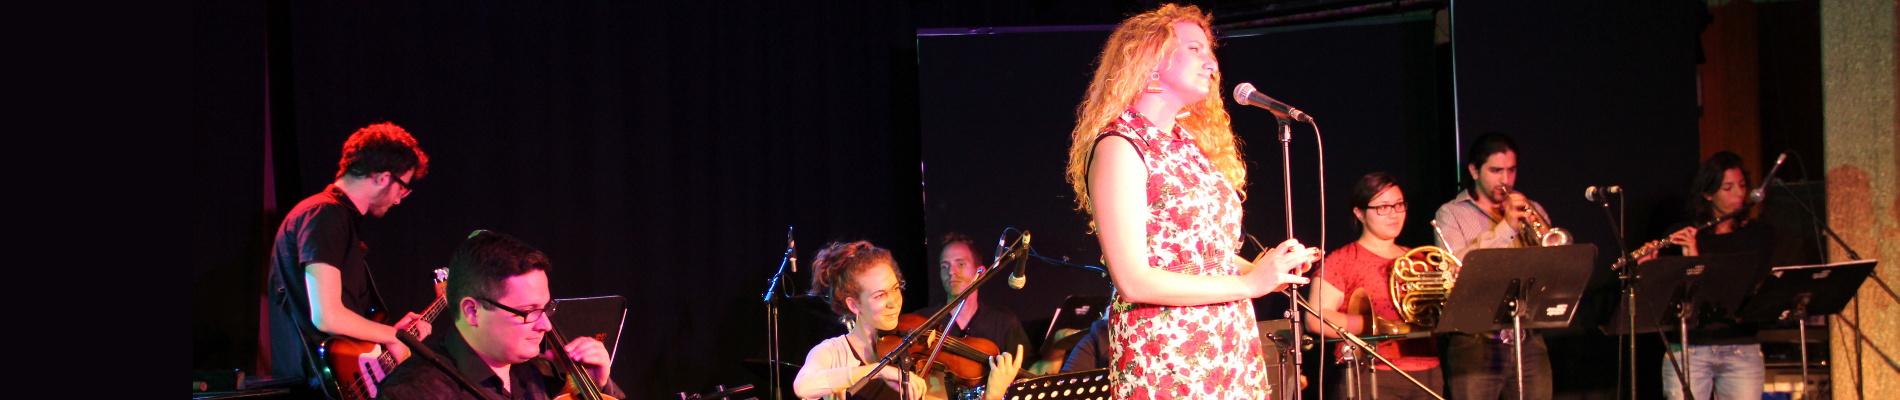 נועם טביב – רסיטל סיום תואר ראשון בזמרה רב-תחומית